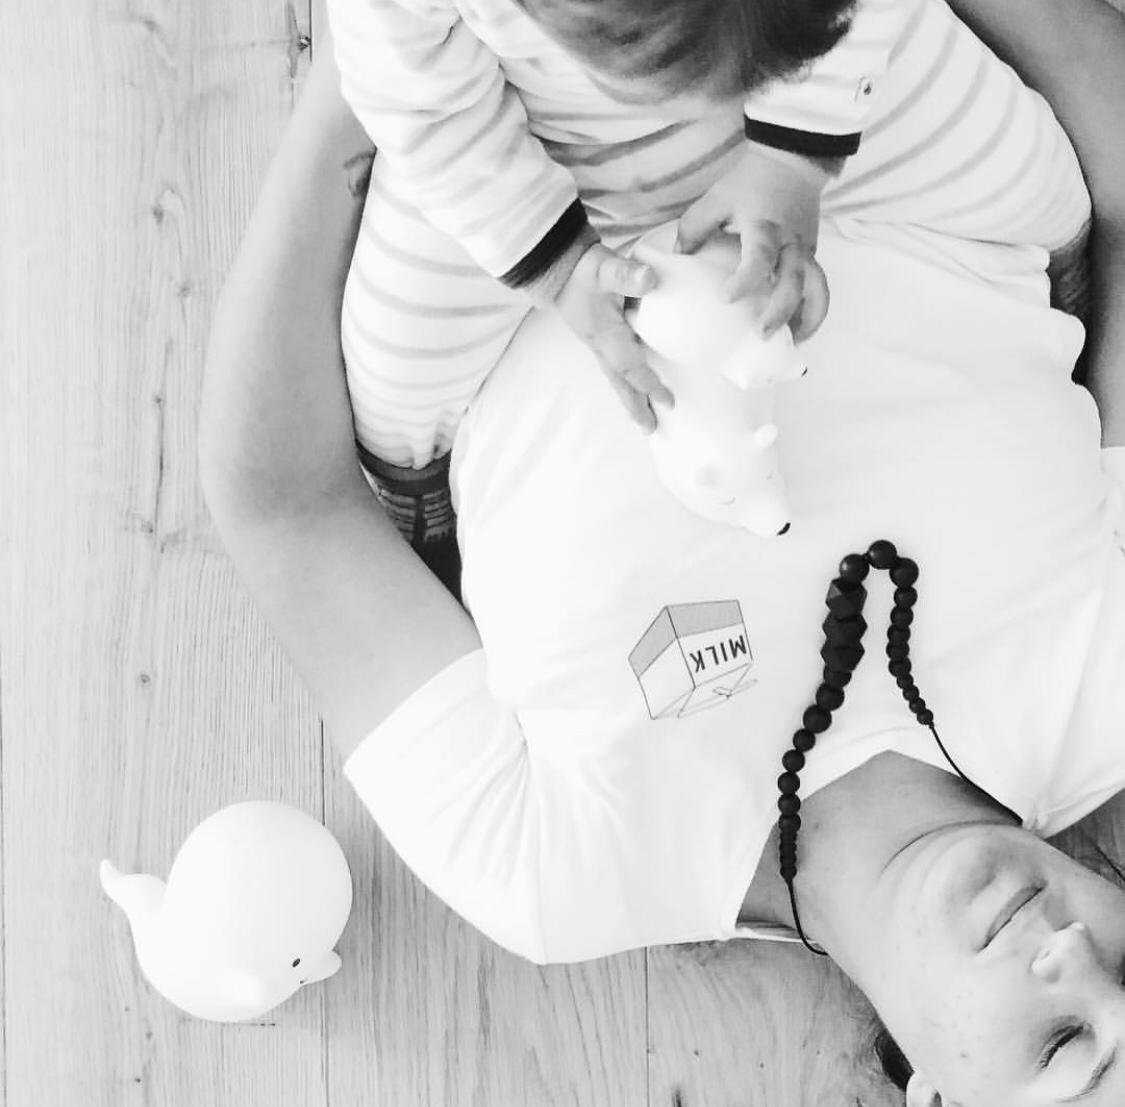 Pourquoi l'allaitement fait-il autant débat ?